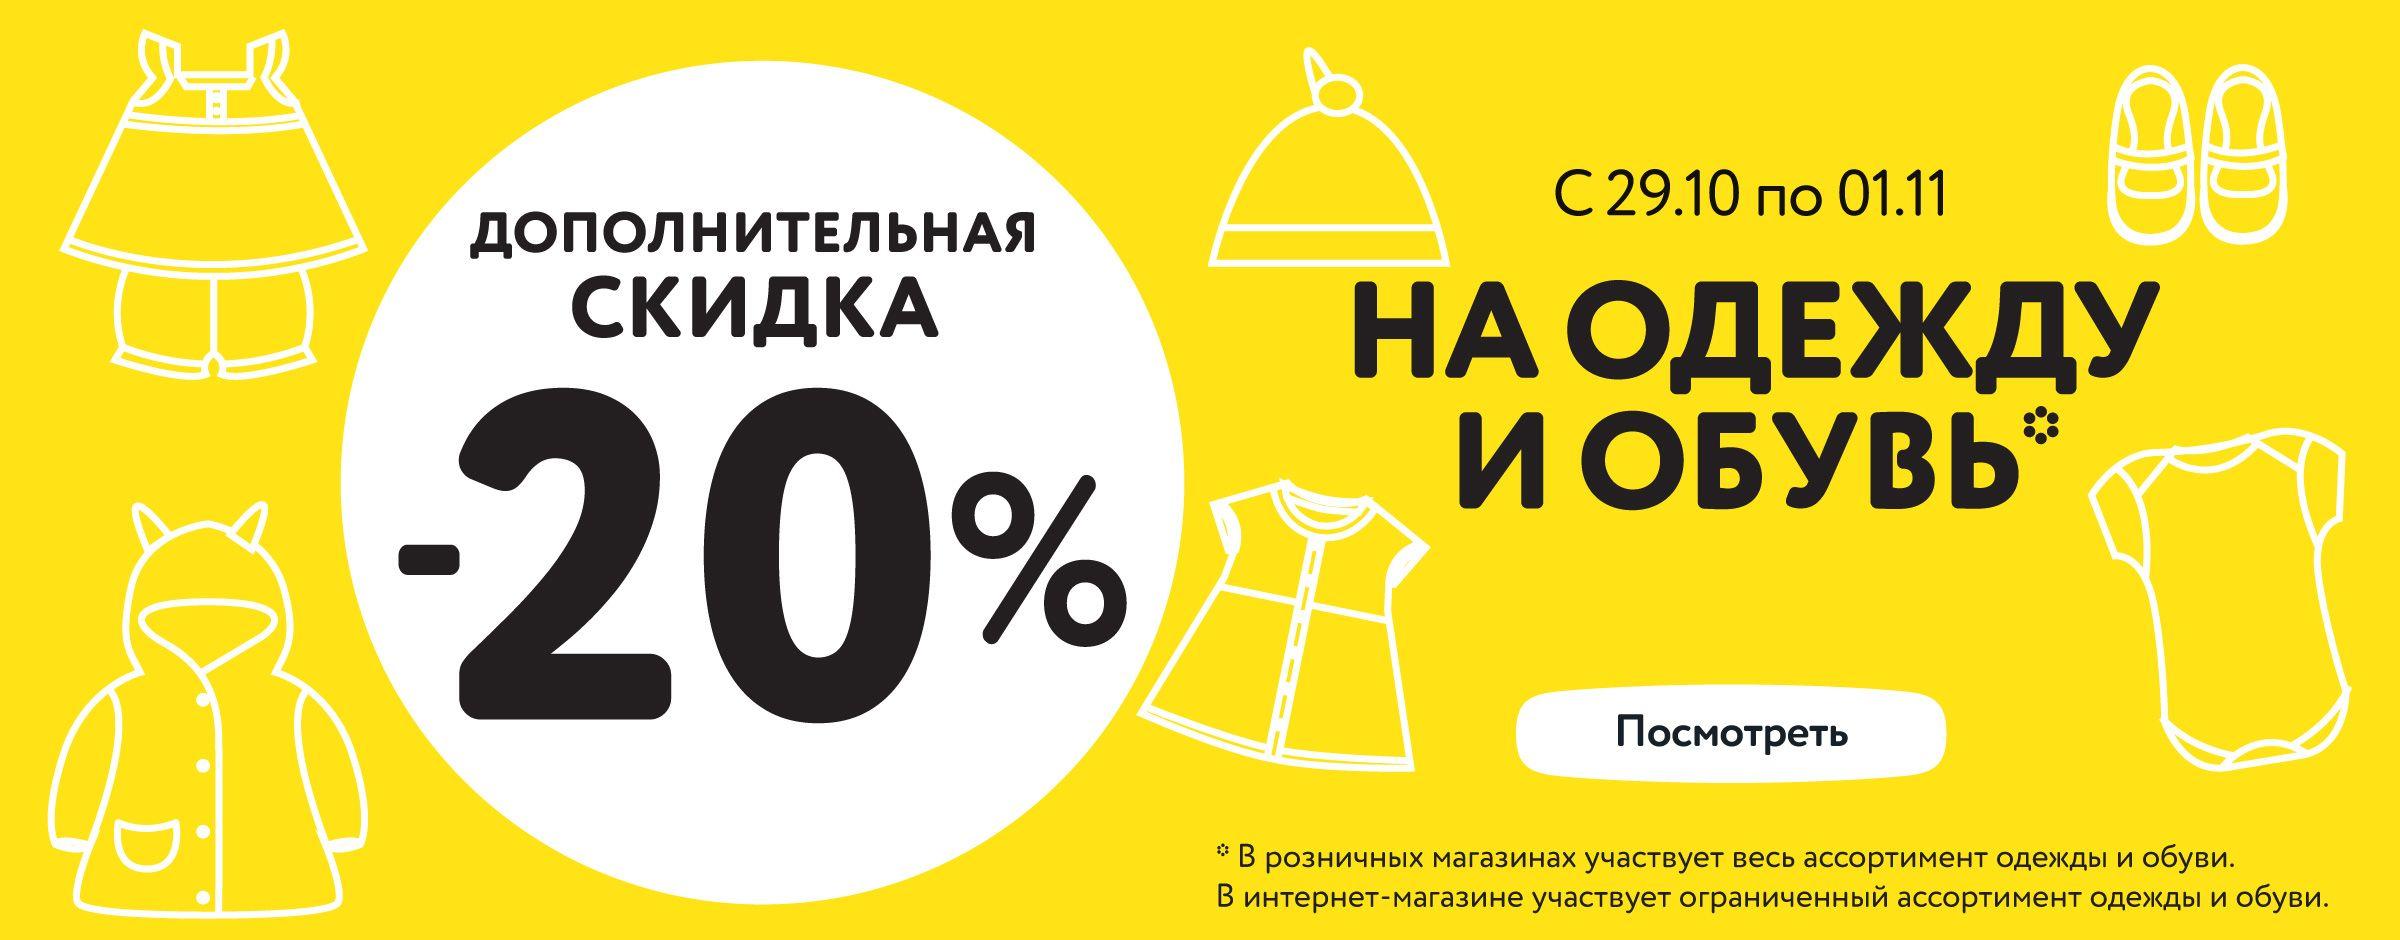 Дополнительная скидка 20% в на одежду и обувь